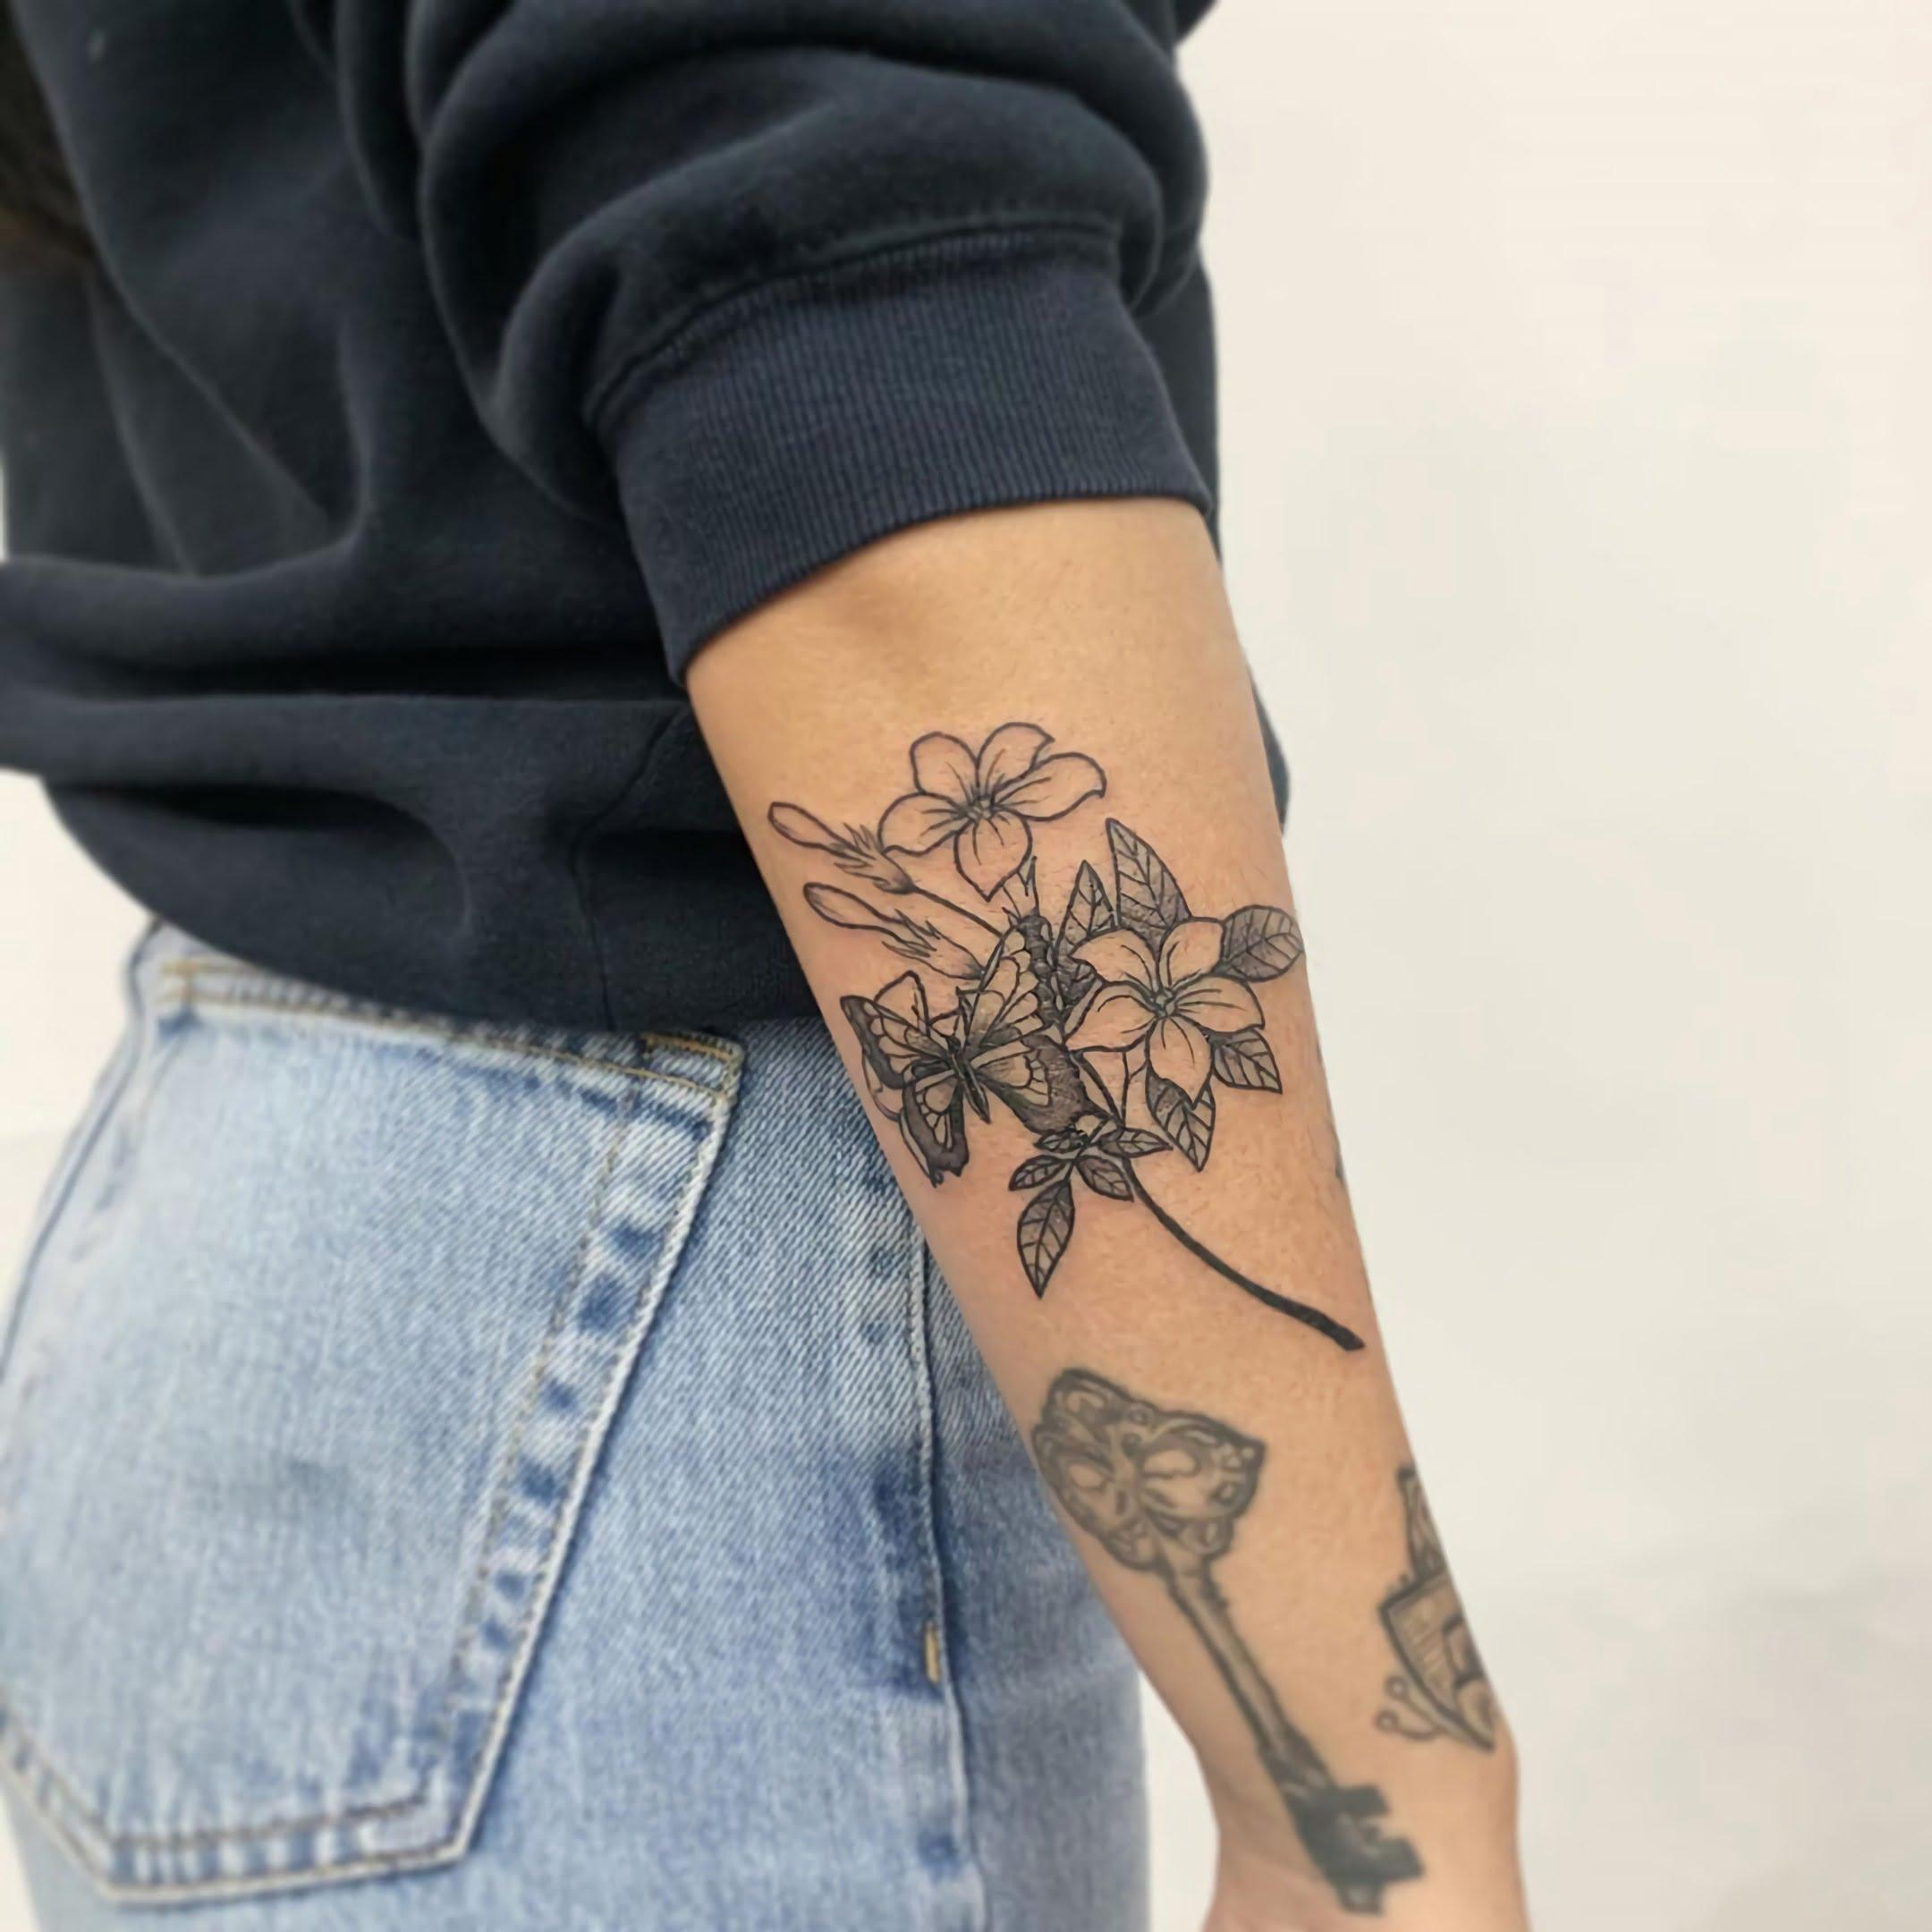 татуировка жасмина на руке девушки